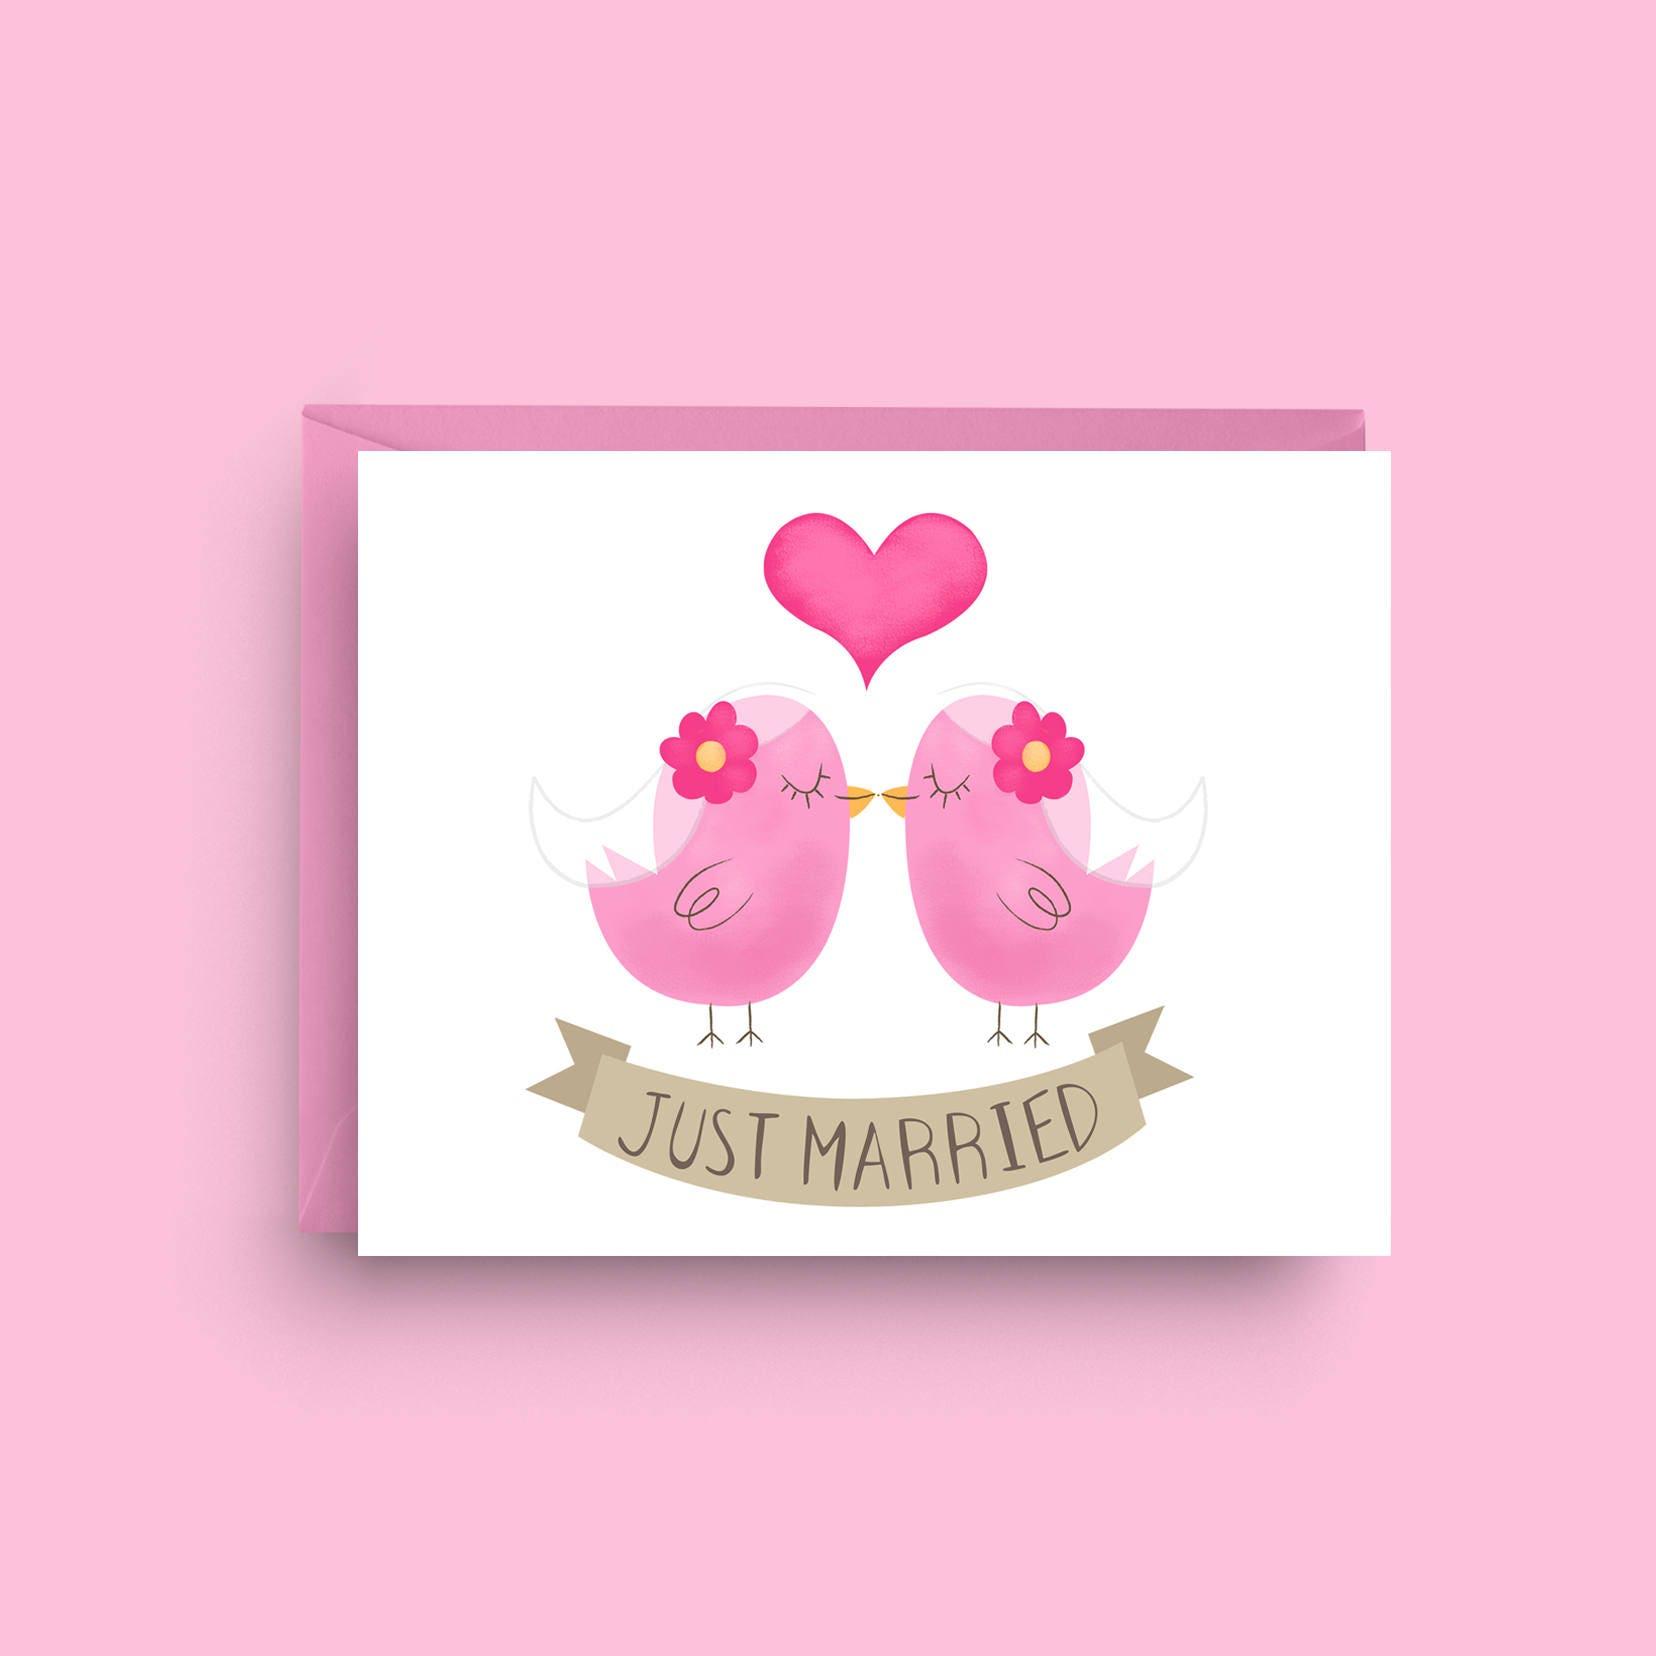 Love Birds Lesbian Wedding Card Gay Engagement Card Newly Etsy